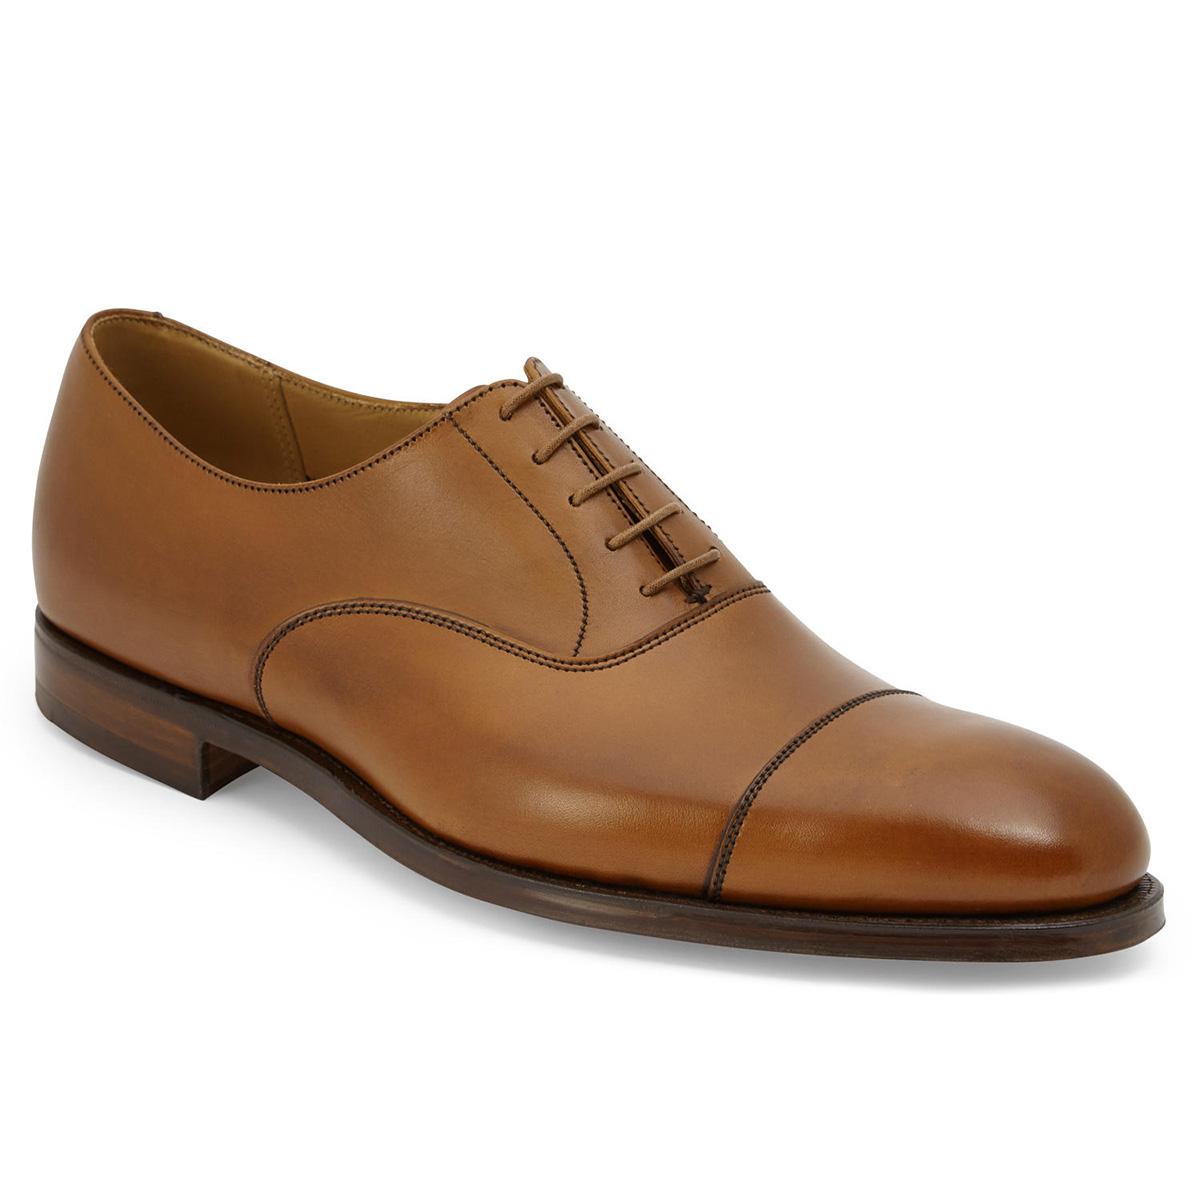 【Crockett and Jones】DORSET ワイズE クロケット&ジョーンズ 「ドーセット」 タン ブラウン 茶イギリス製 革靴 UKサイズ6~12(日本サイズ24.5cm~30.5cm)